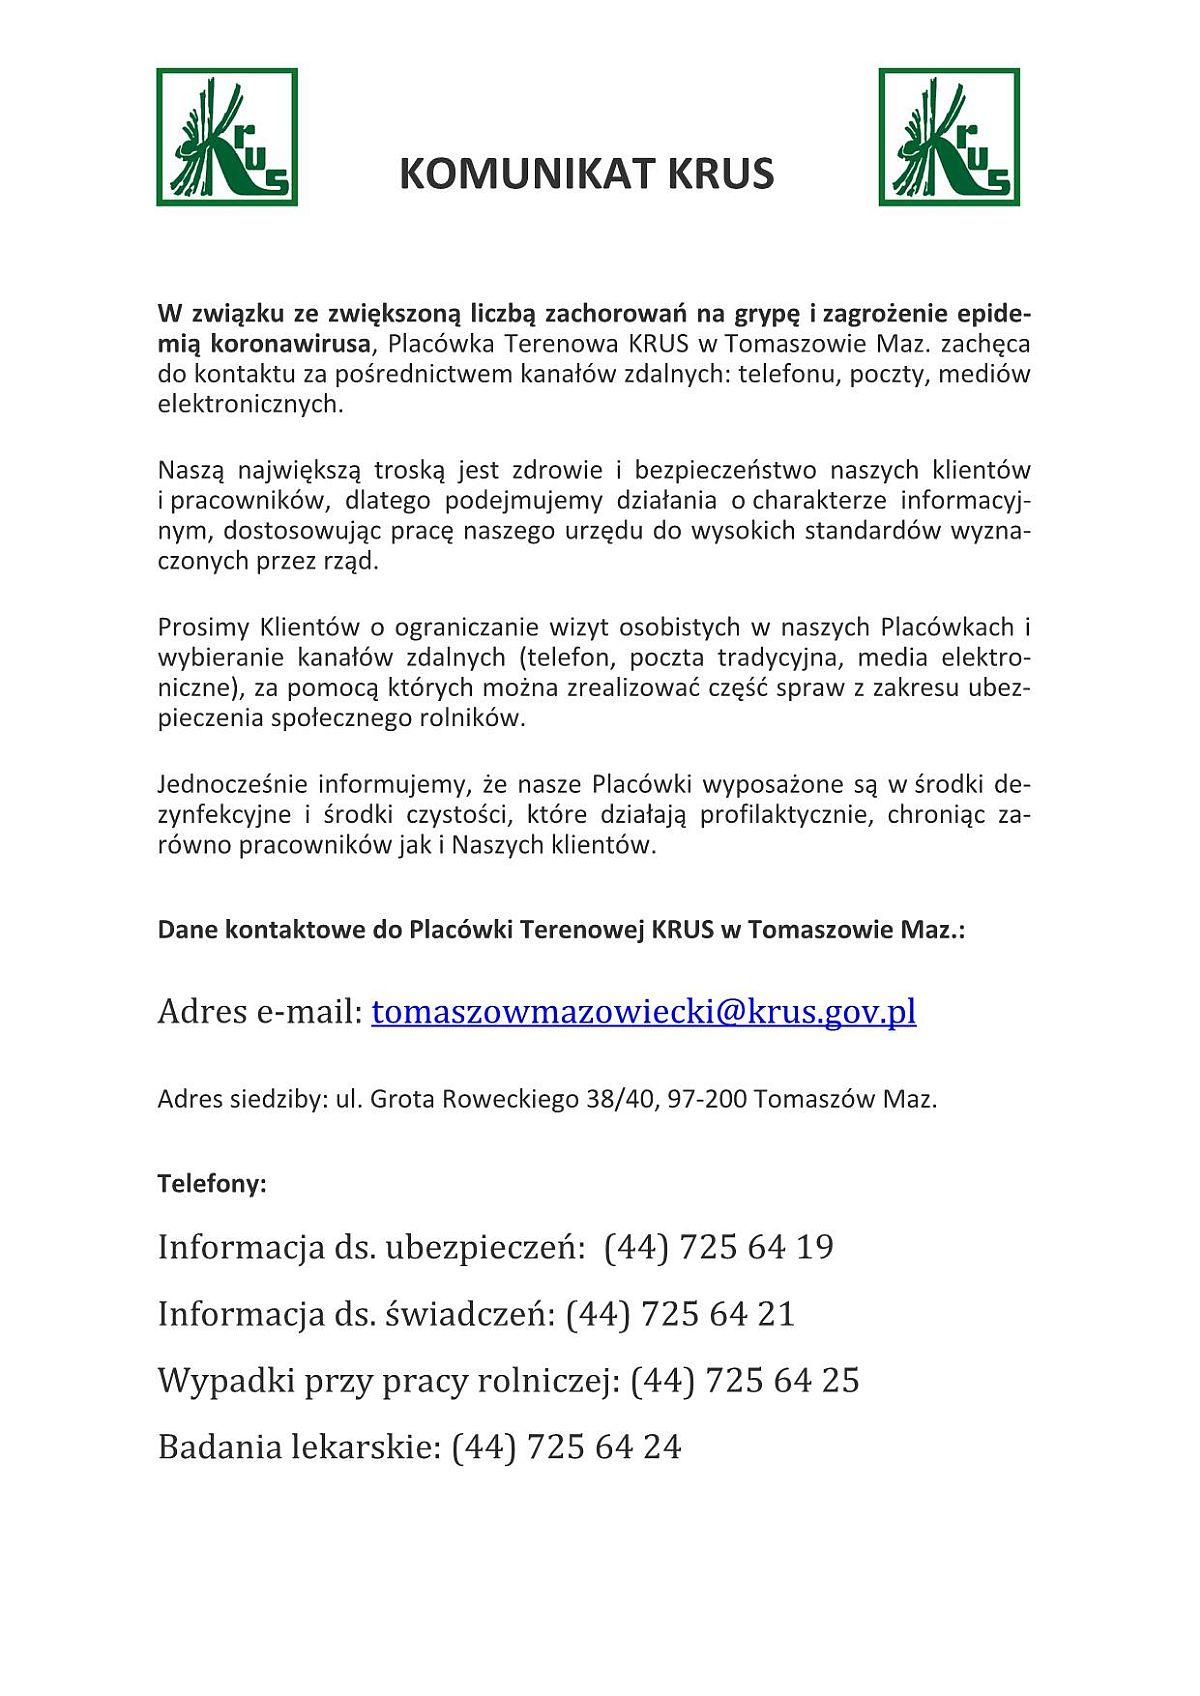 KOMUNIKAT-KRUS-1_1.jpg